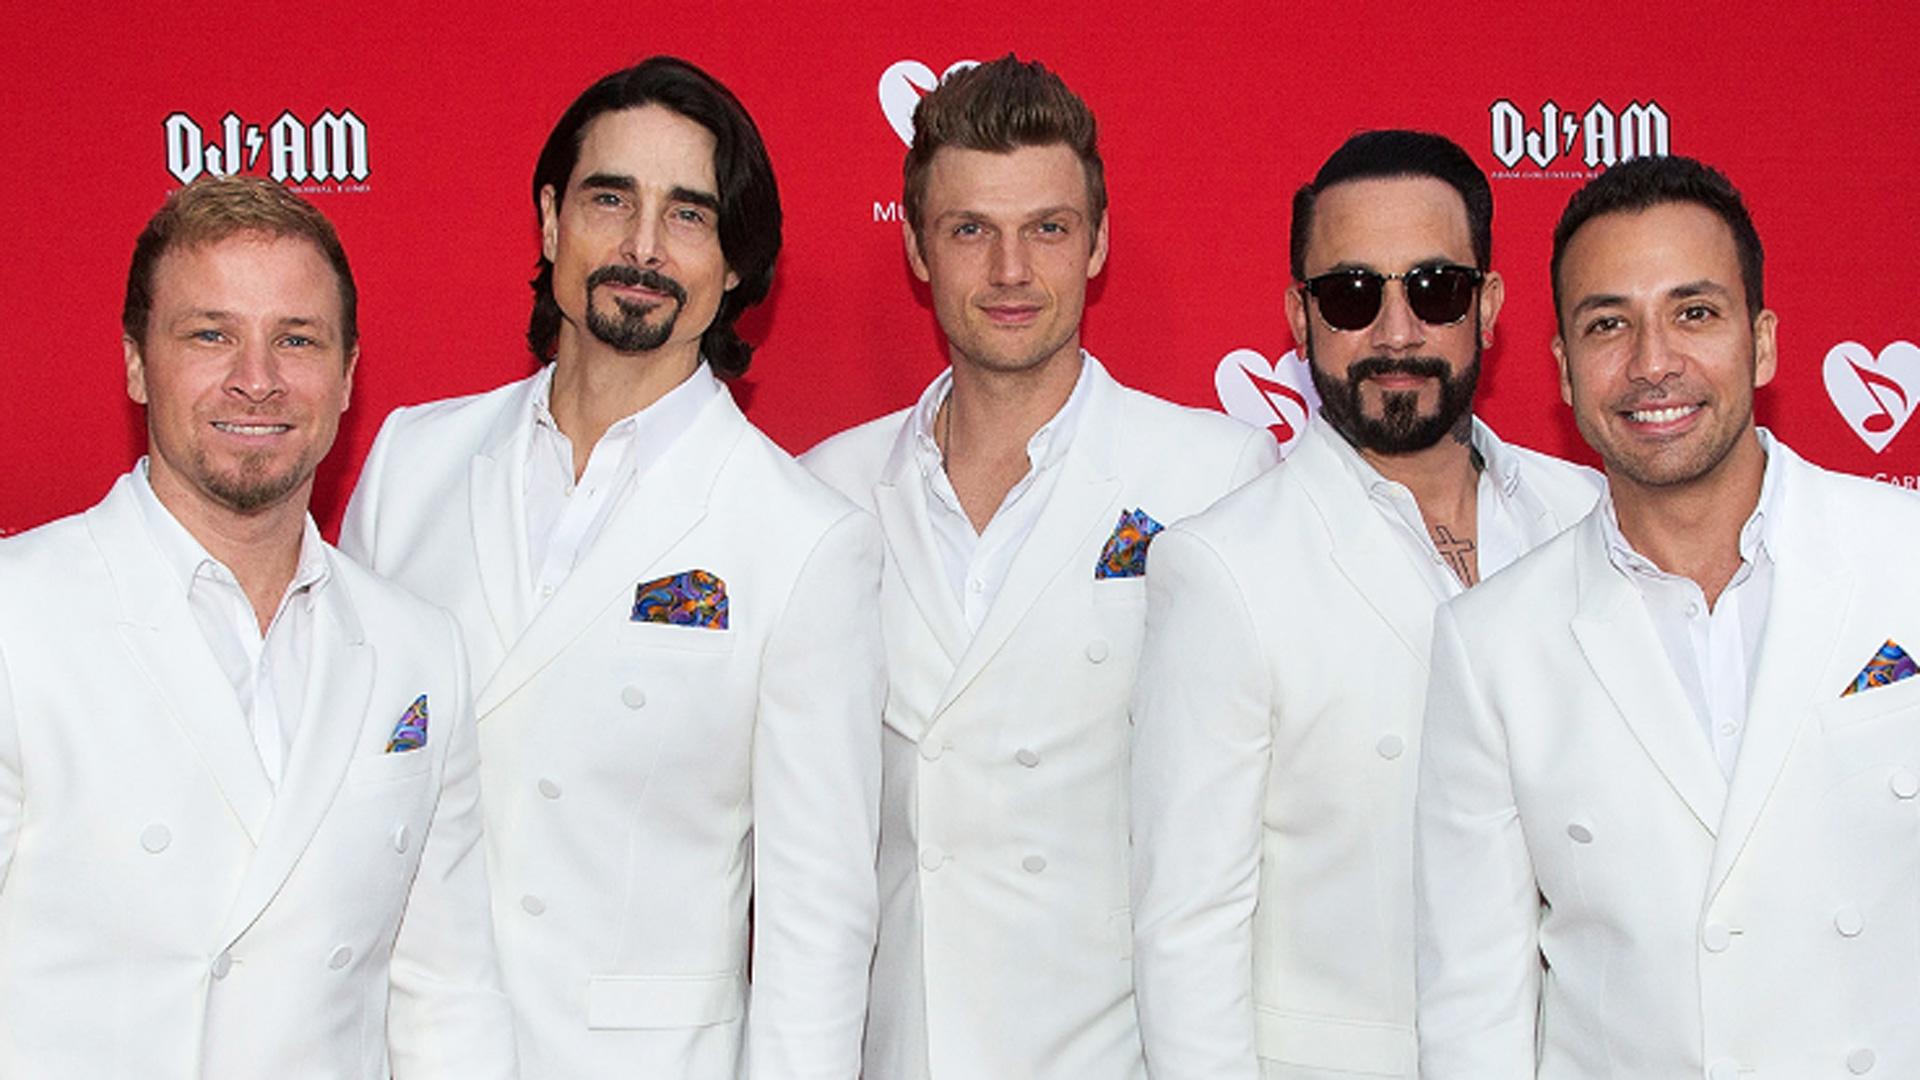 """""""Backstreet Boys"""" no ha dejado de cosechar éxitos, convirtiéndose en un grupo pop de referencia con más de 135 millones de discos vendidos en todo el mundo"""